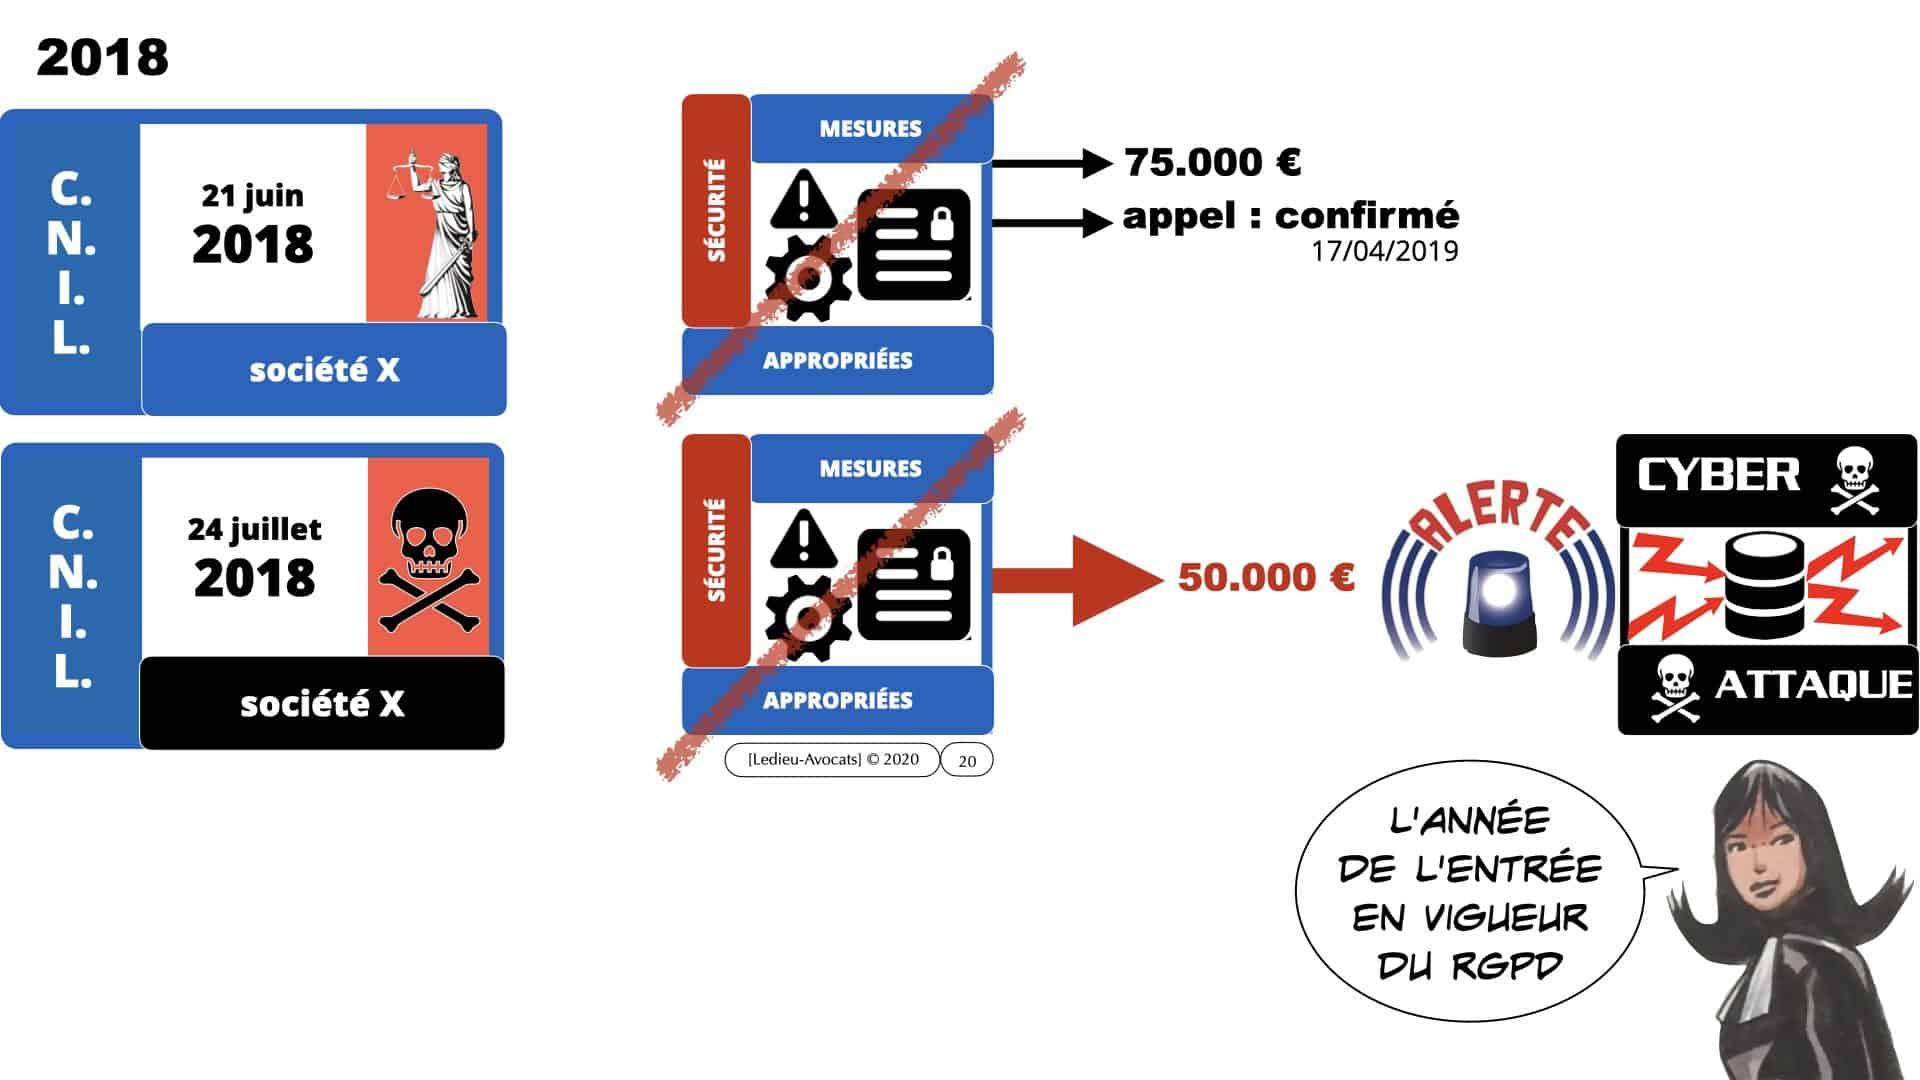 331 CYBER ATTAQUE malware vulnérabilité contrat BtoB © Ledieu-Avocats 30-03-2021 ***16:9***.020